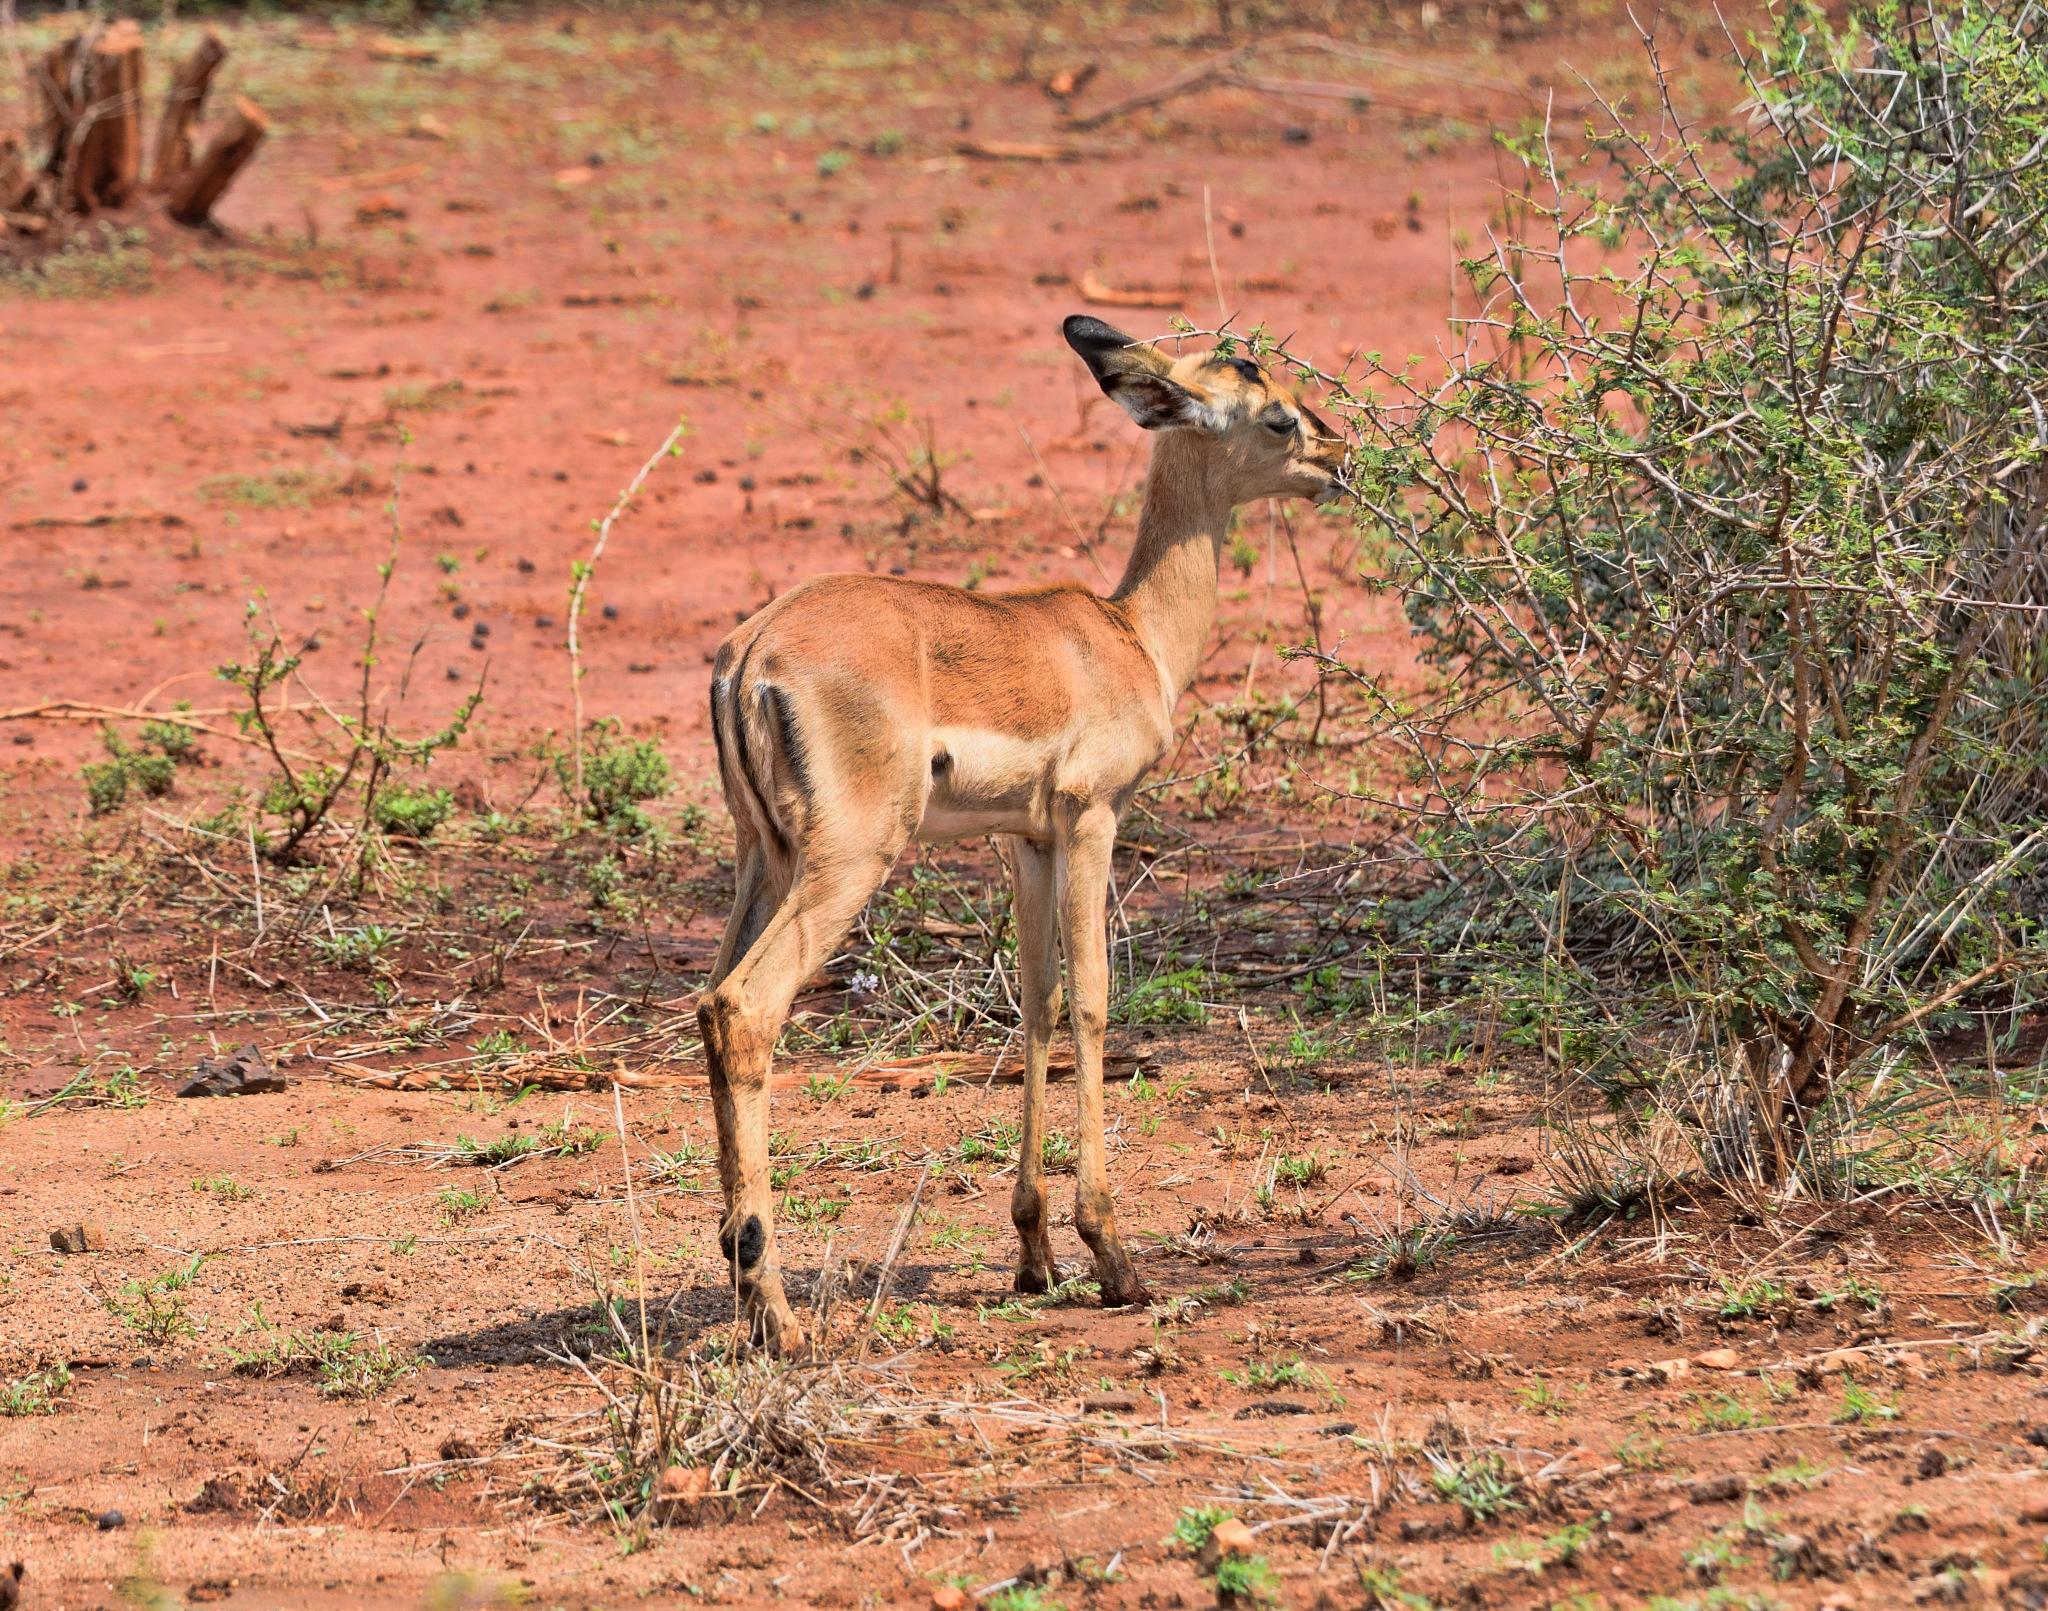 South Africa - Kruger Park (174) Impala by Derek Clarke